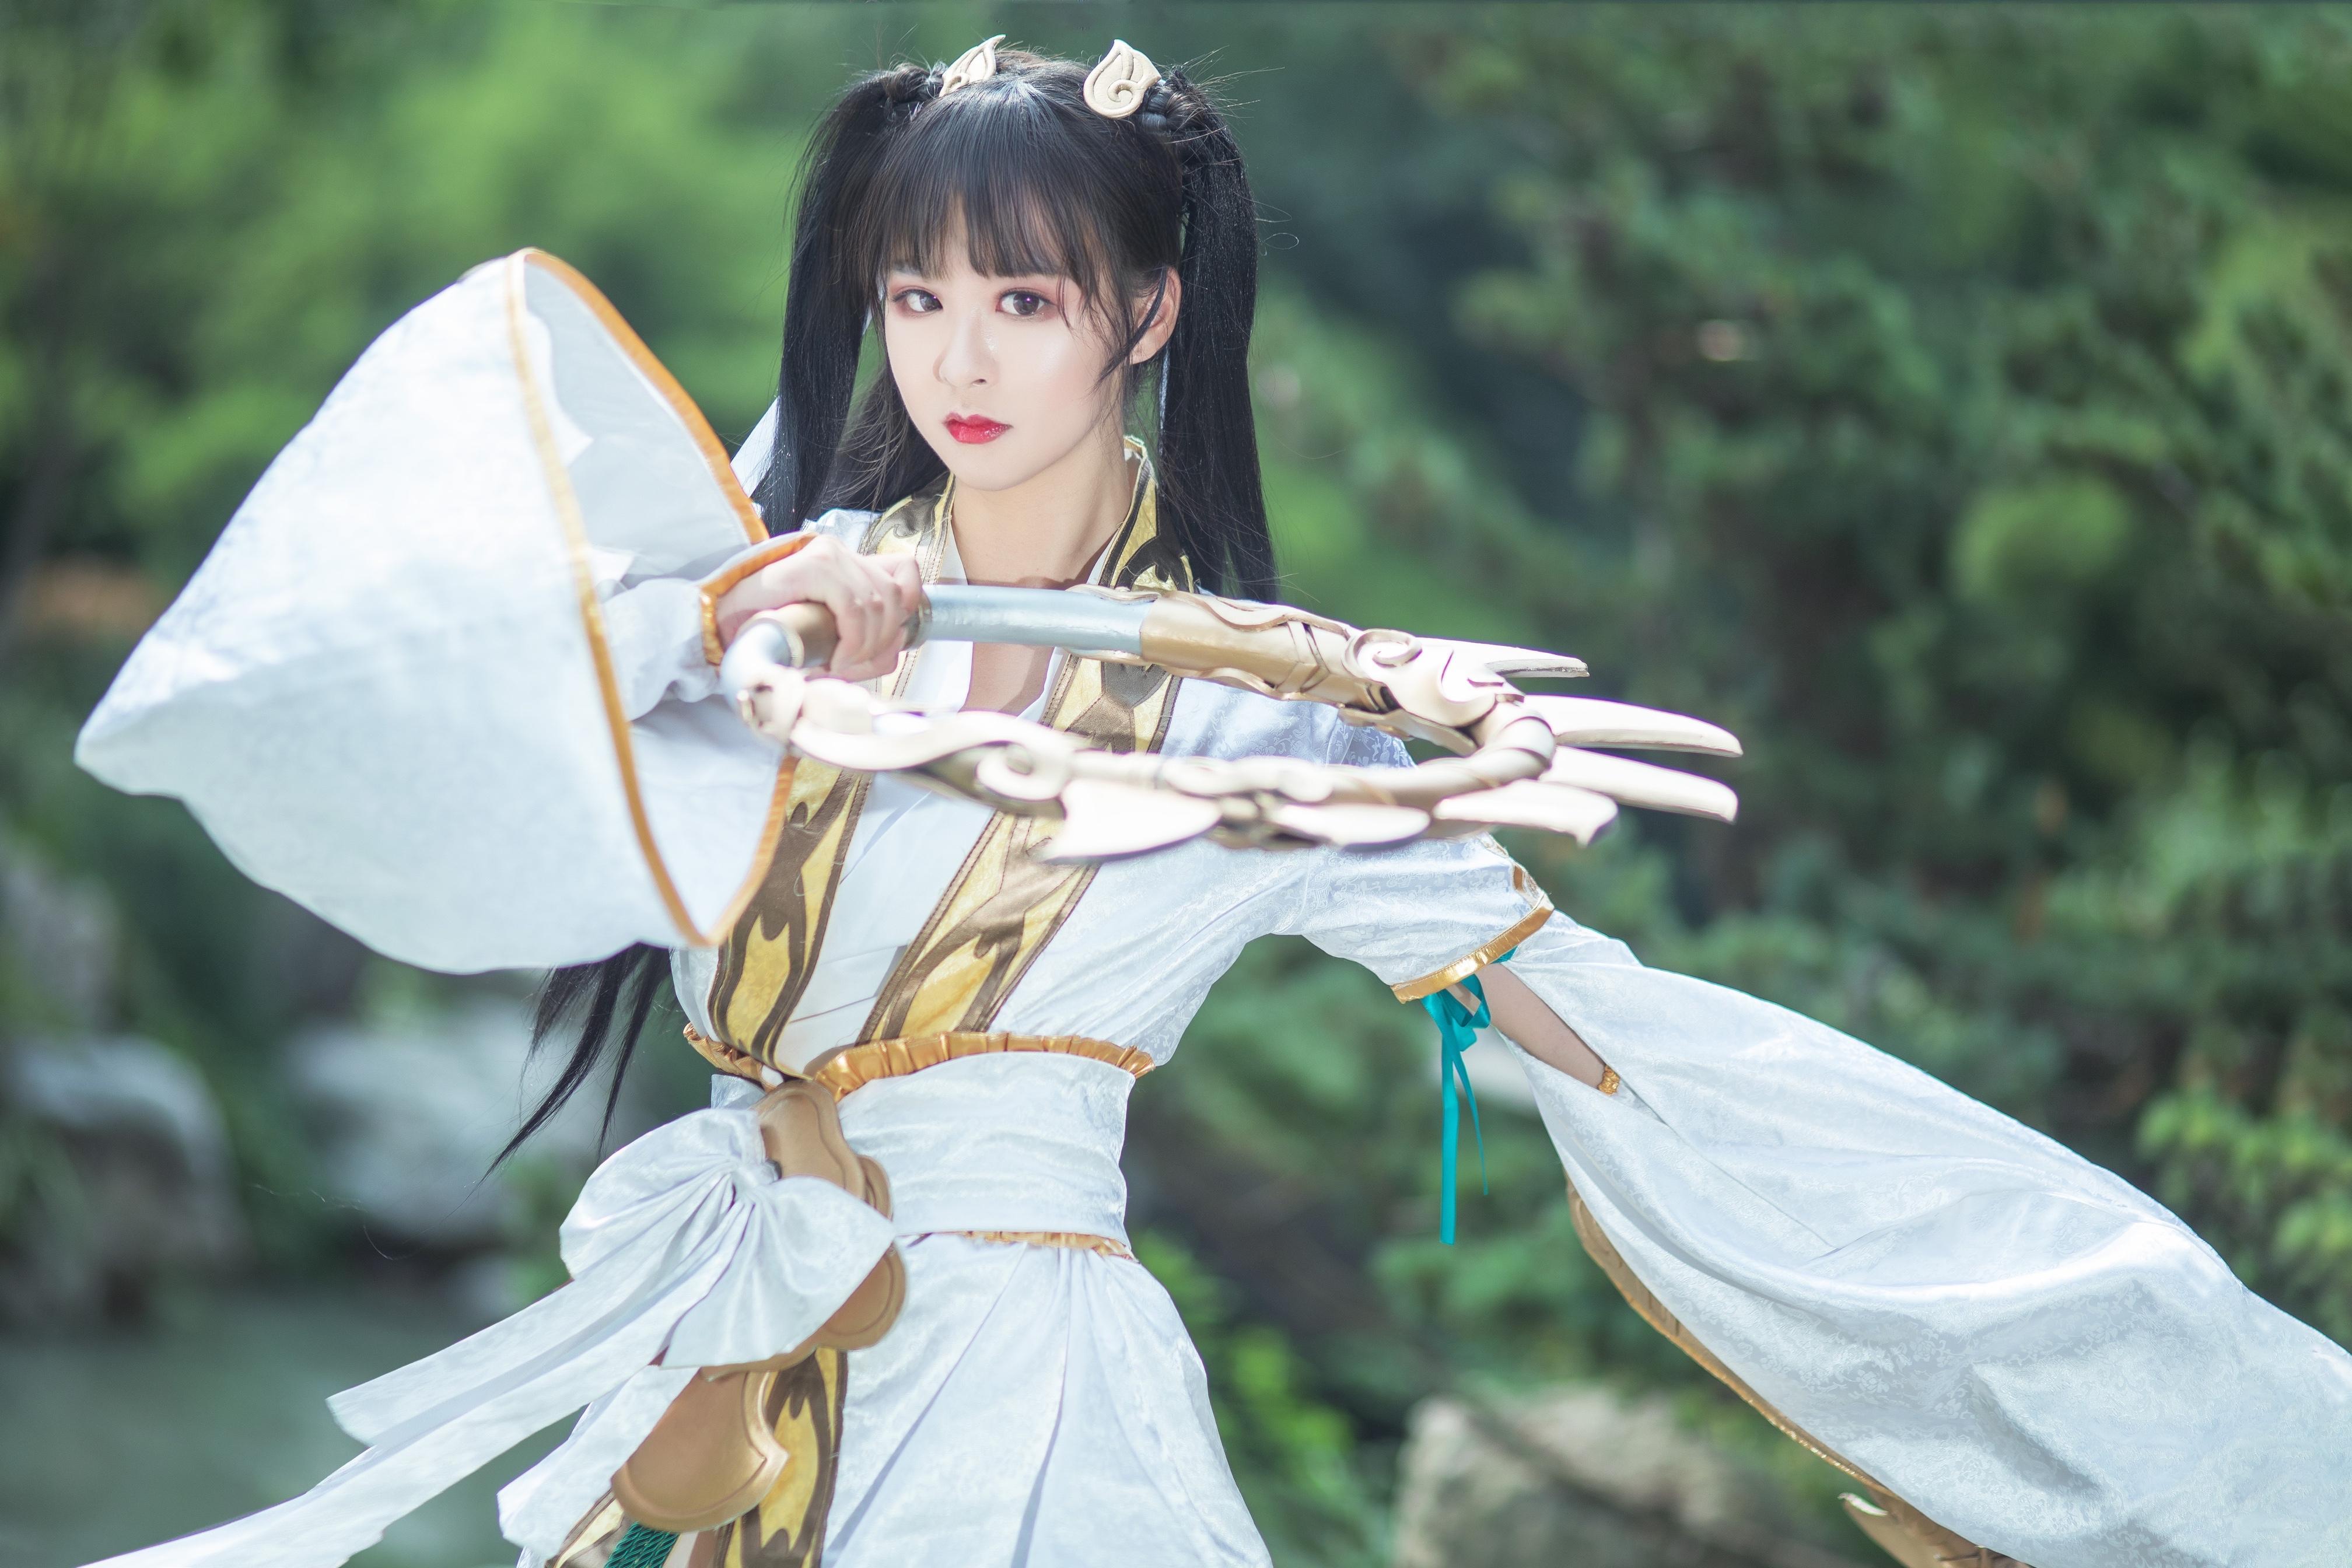 《天涯明月刀OL》古风cosplay【CN:瑶音音】-第5张